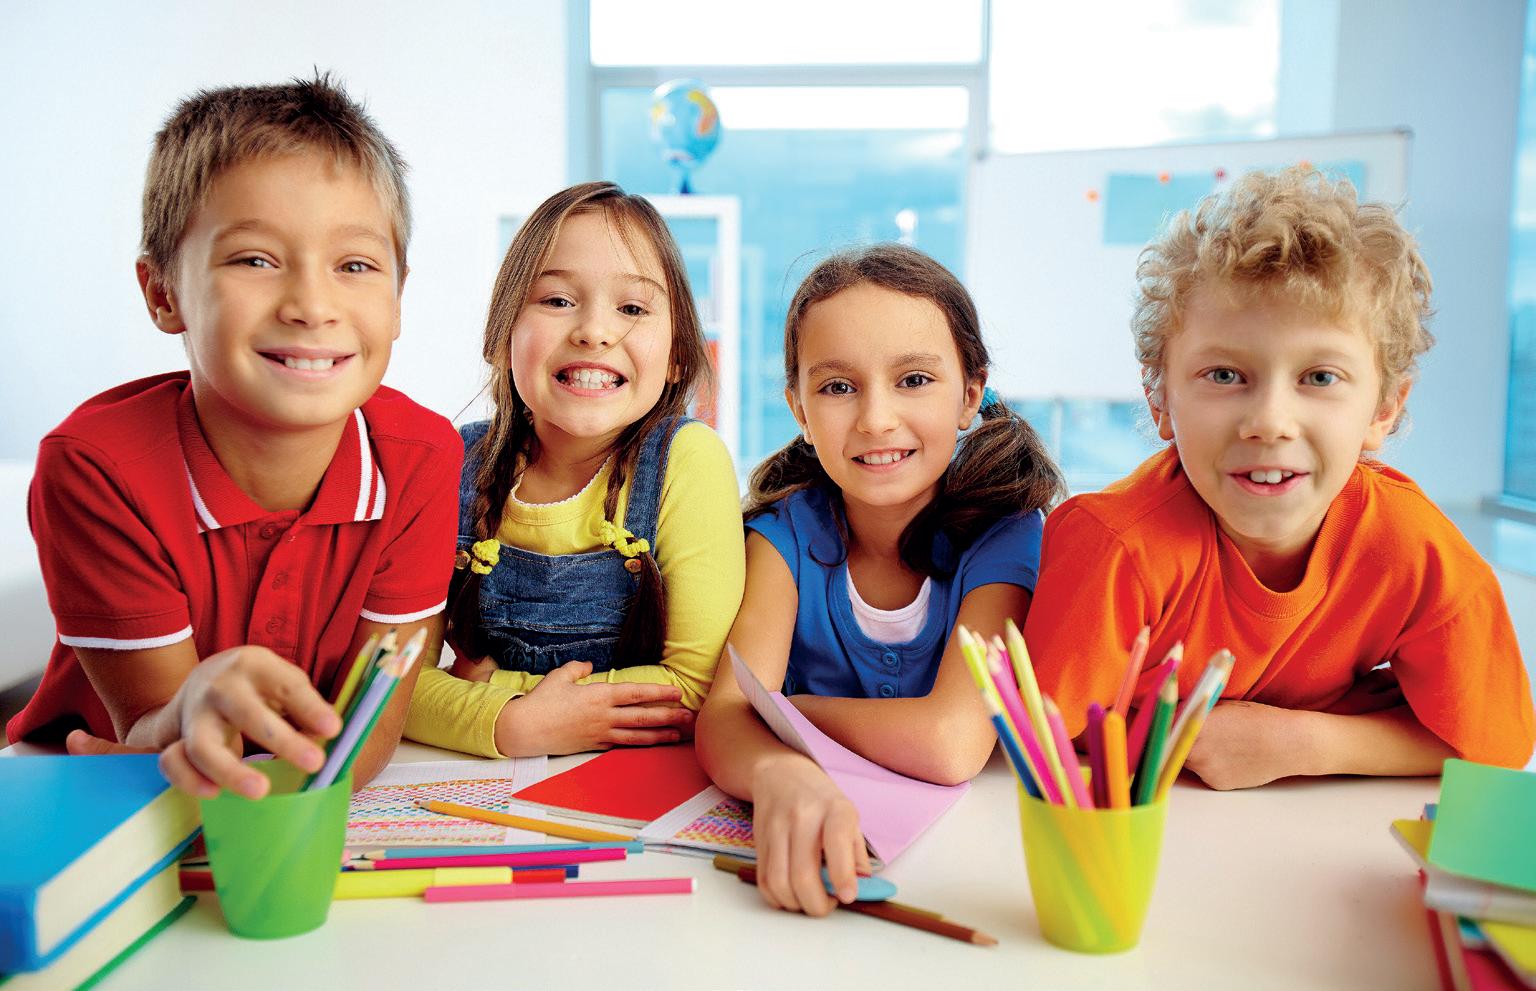 PNG Dzieci W Szkole - 60820